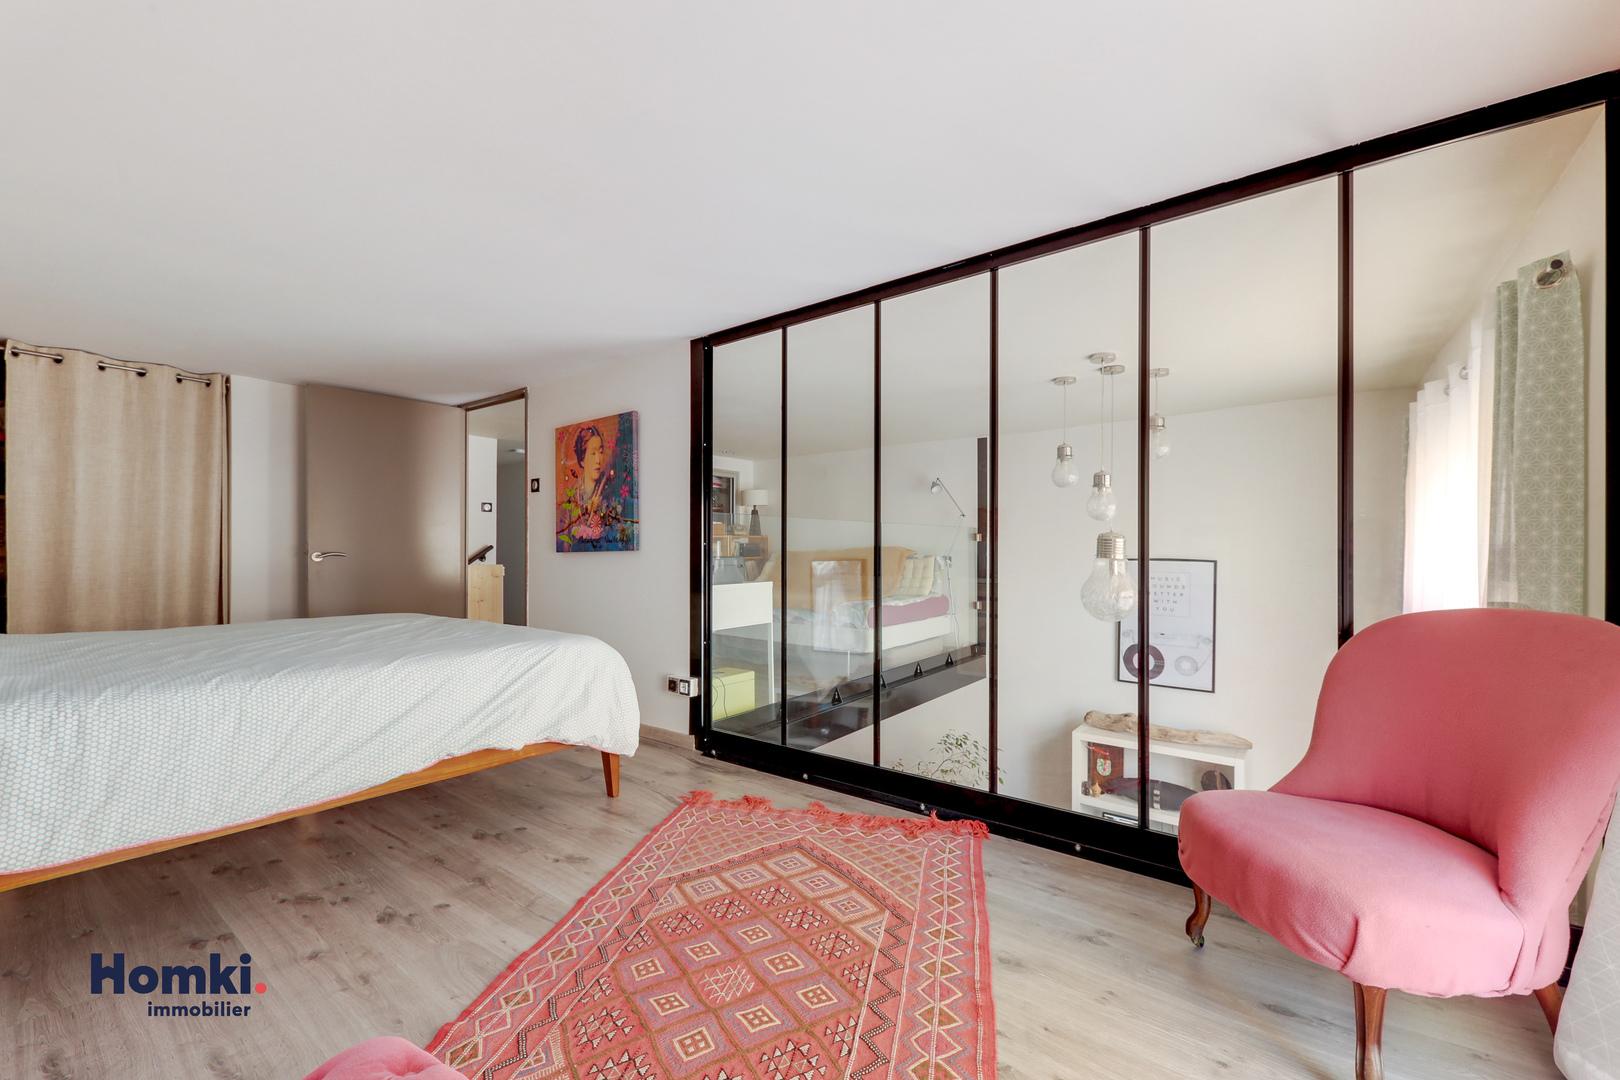 Vente appartement 115m² T3 69100_7